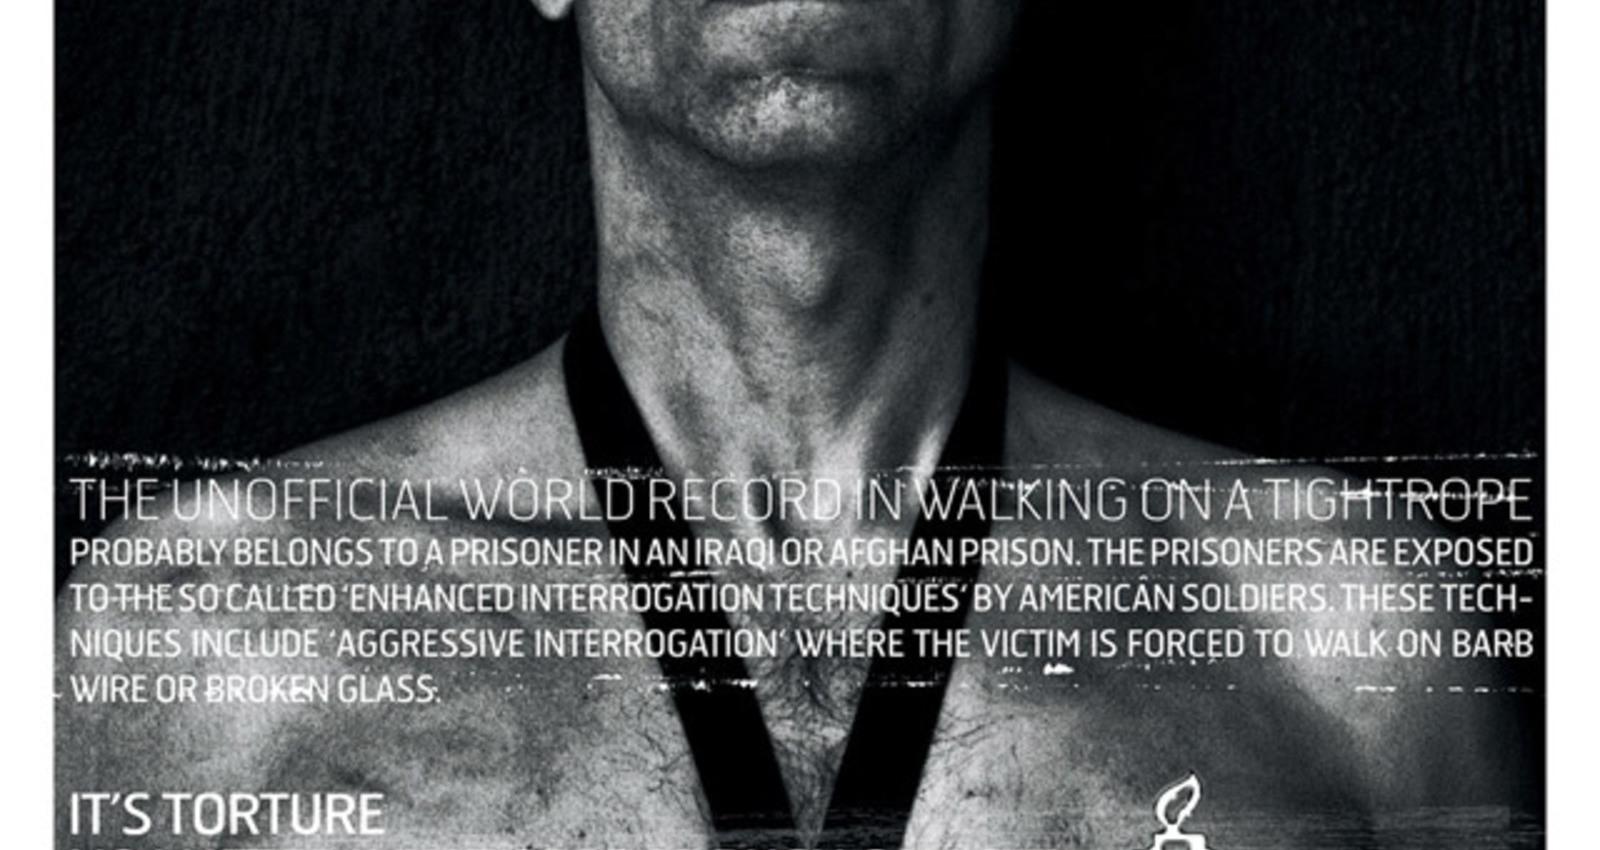 Campaign Against Torture